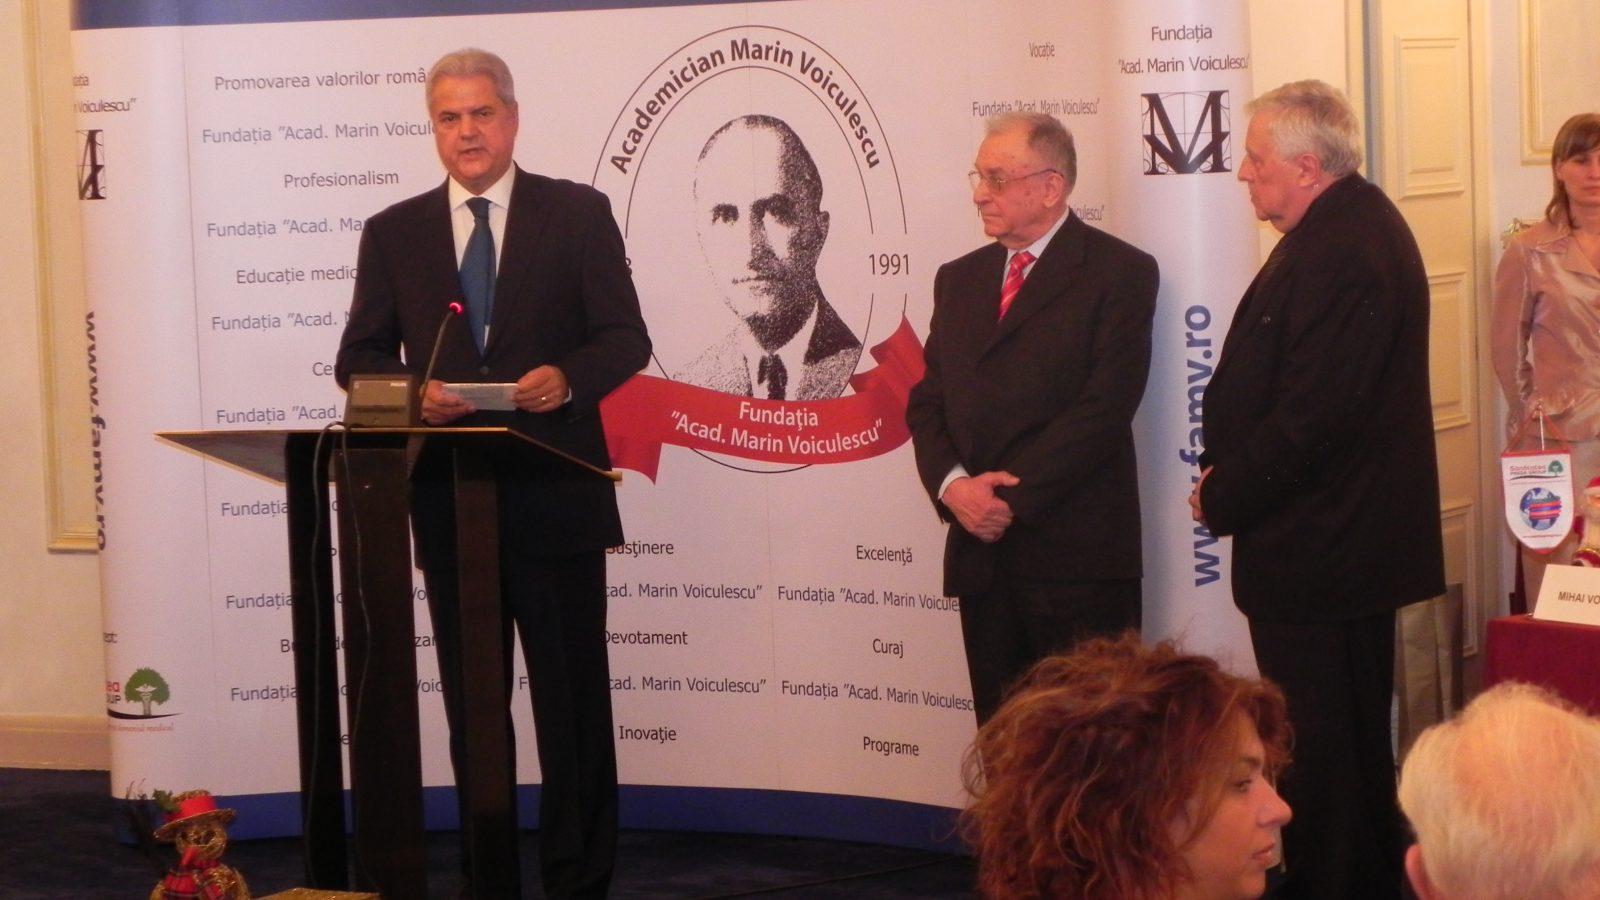 """Diplomă de Excelenţă acordată de Fundaţia """"Acad. Marin Voiculescu"""" d-lui Adrian Năstase, preşedintele FET"""